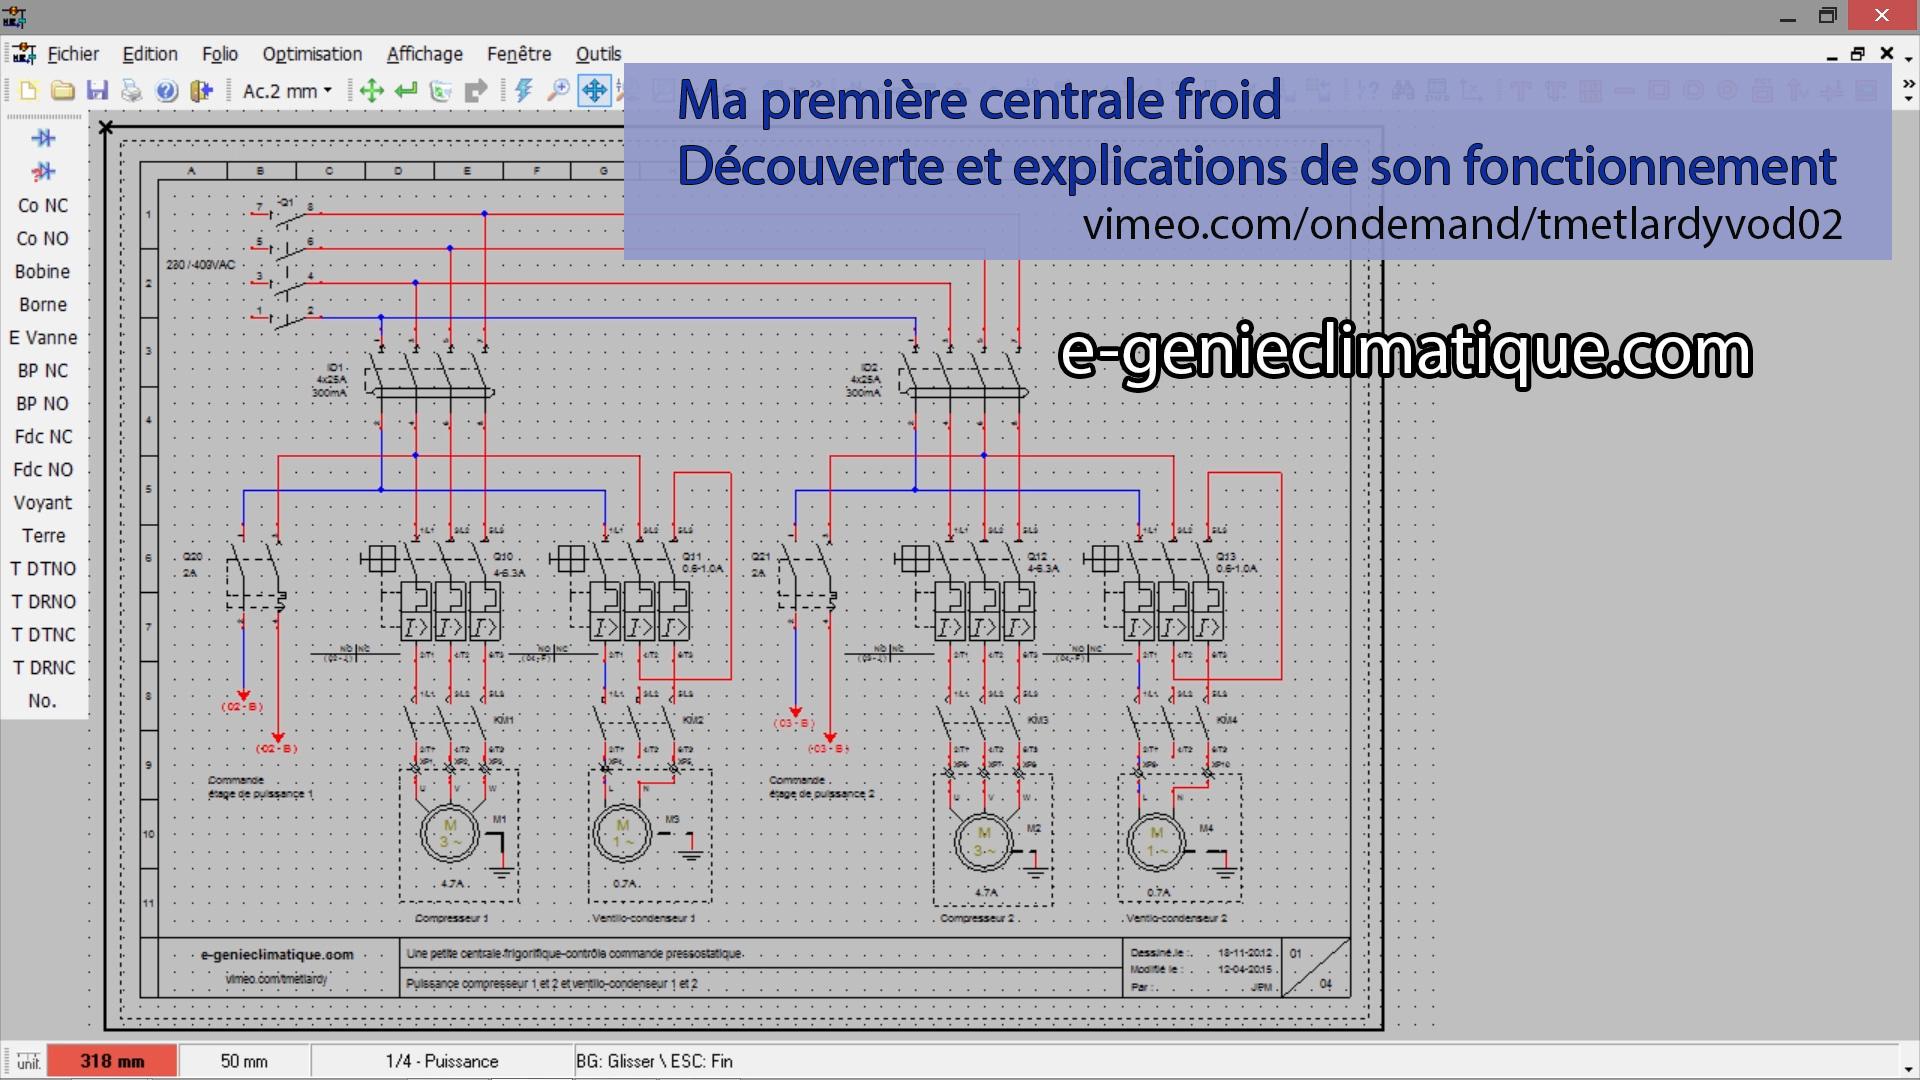 VOD02 Ma Premire Centrale Froid Dcouverte Et